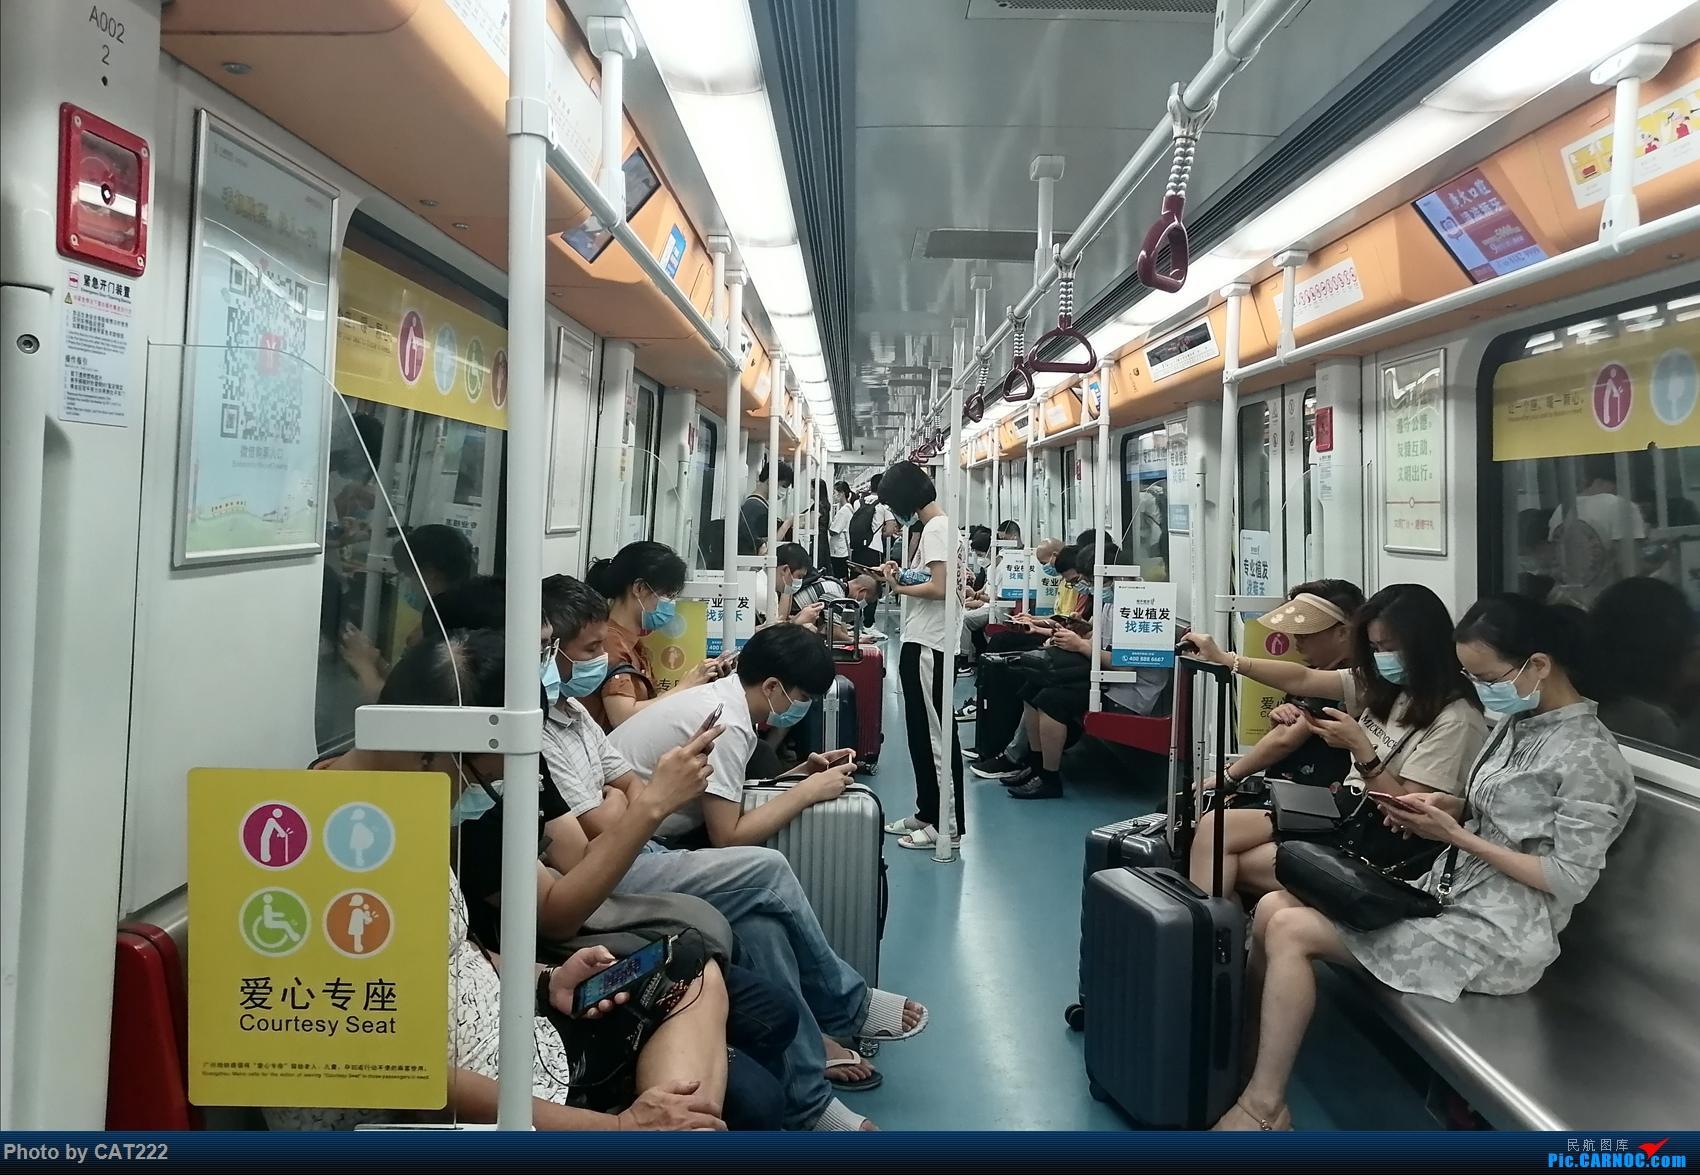 [原创]3天2夜的短暂北京之行,京广线初体验